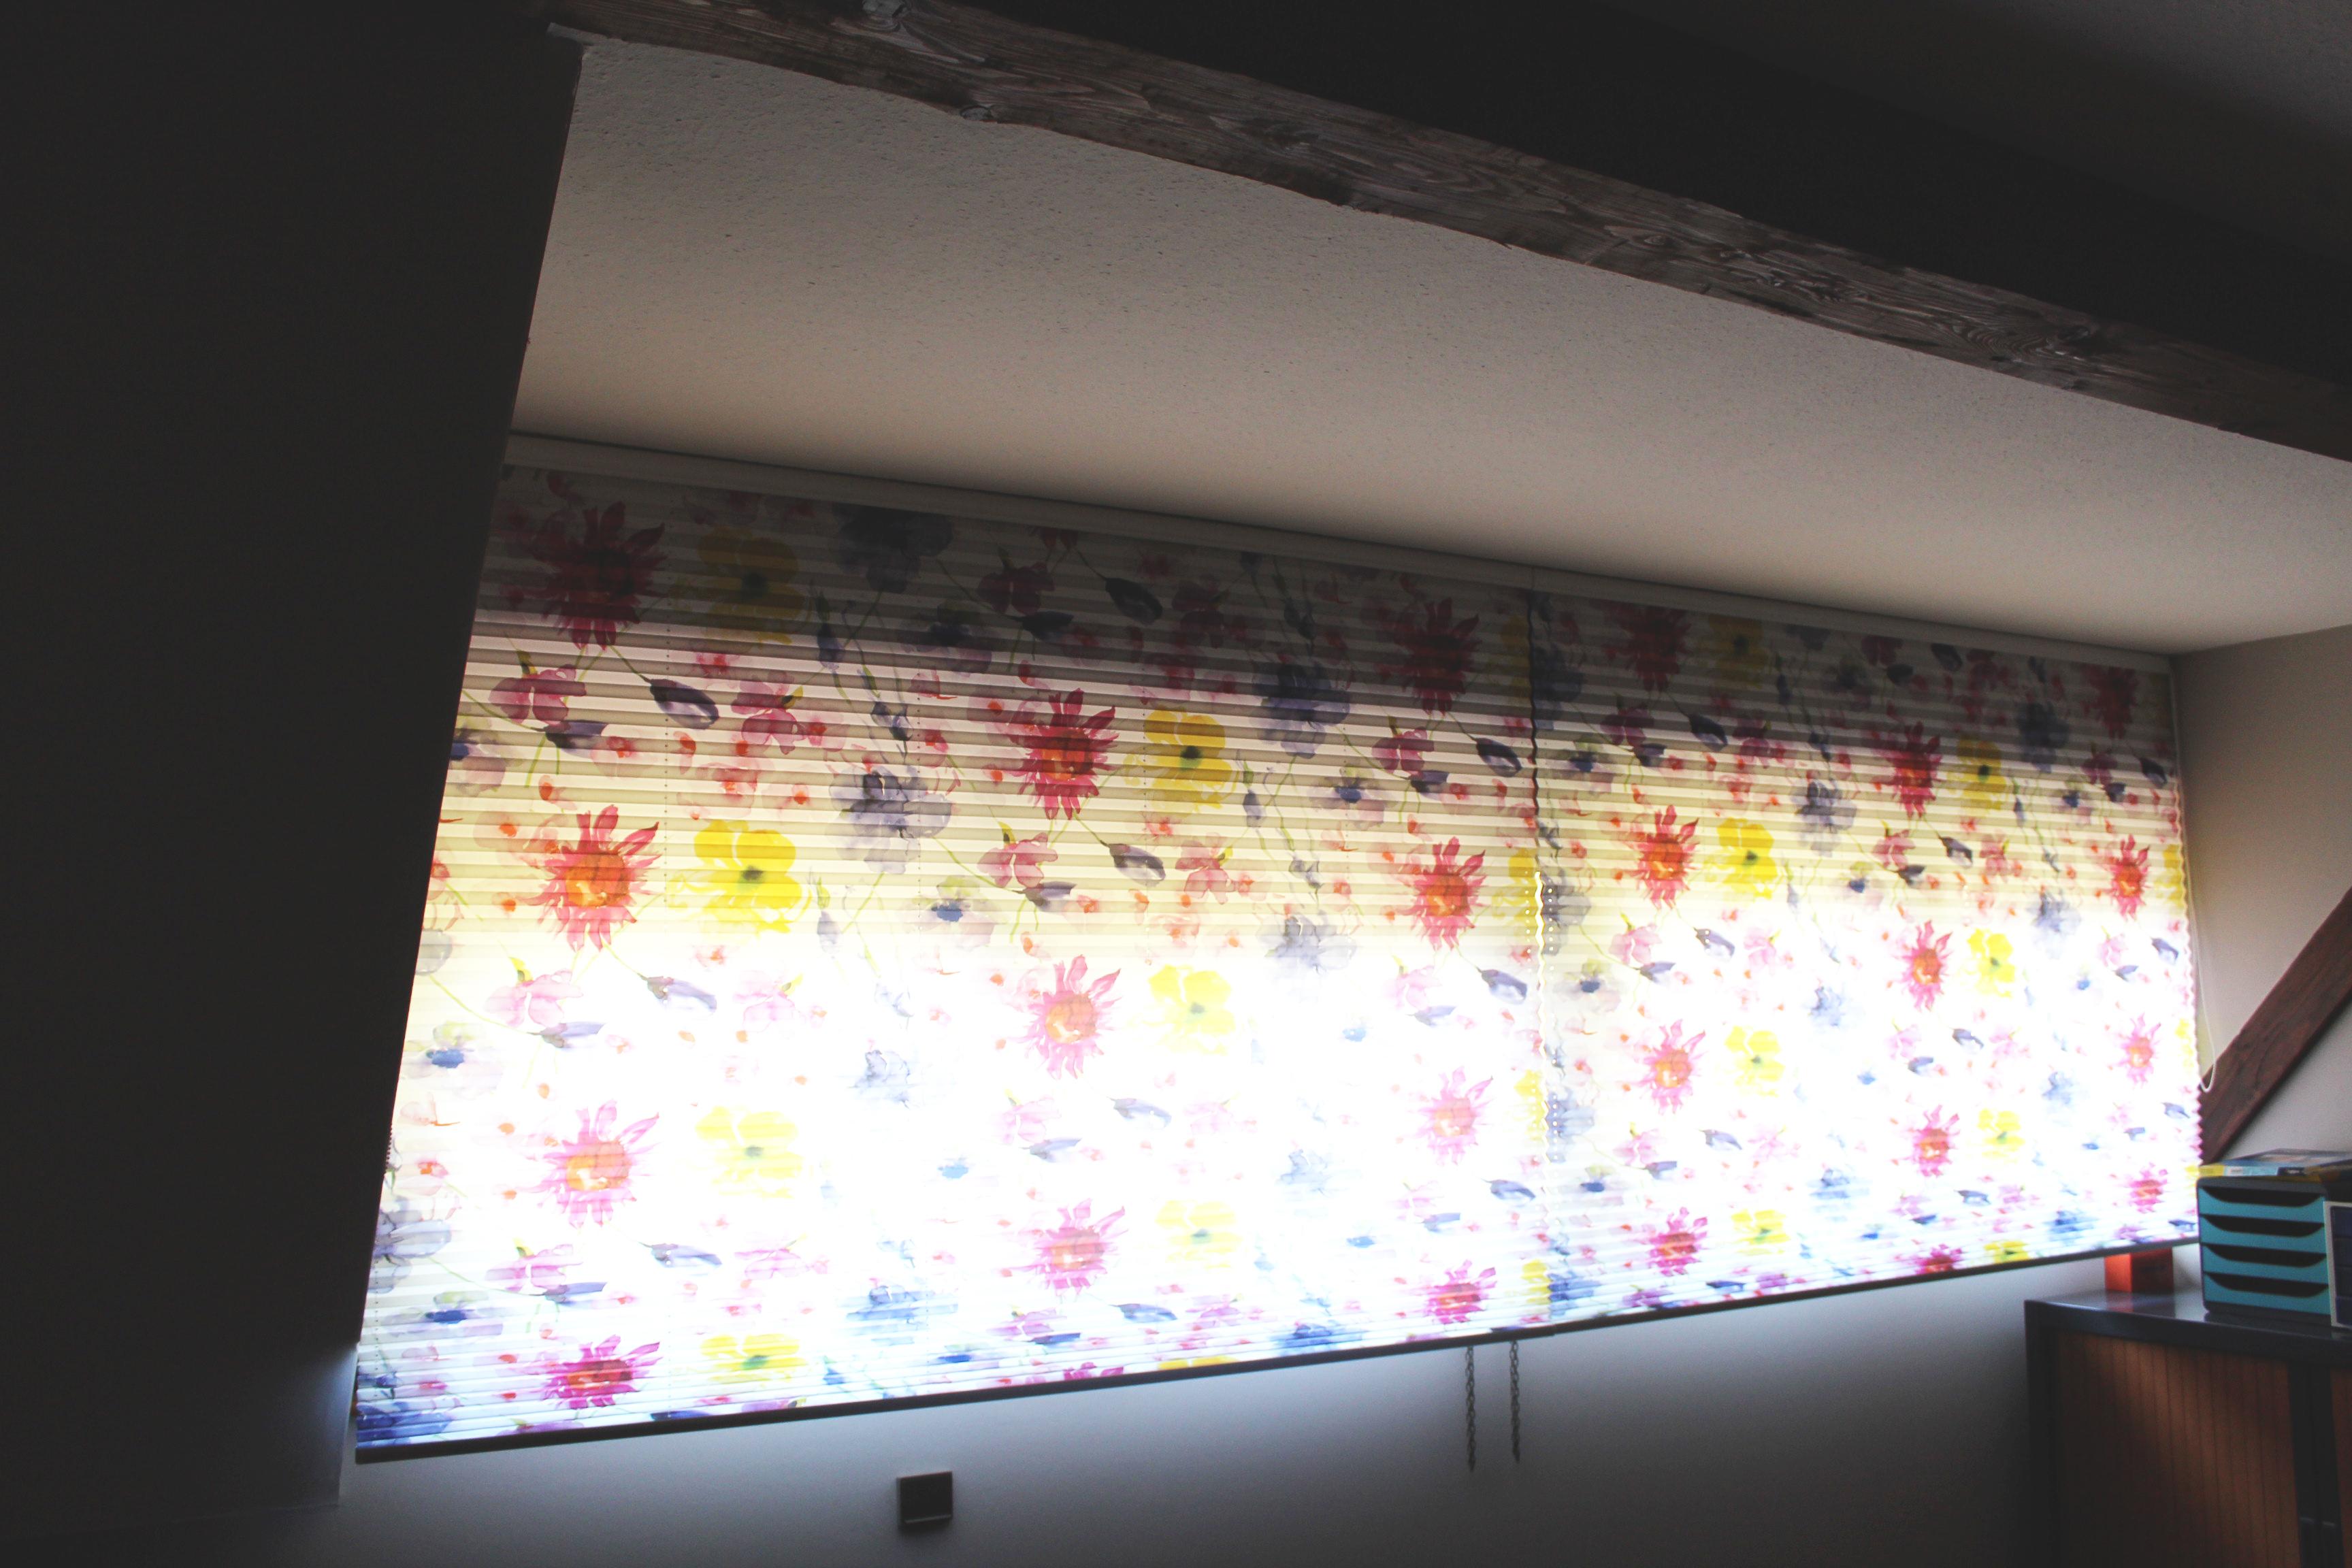 Store plissé couleurs vives et fleuris